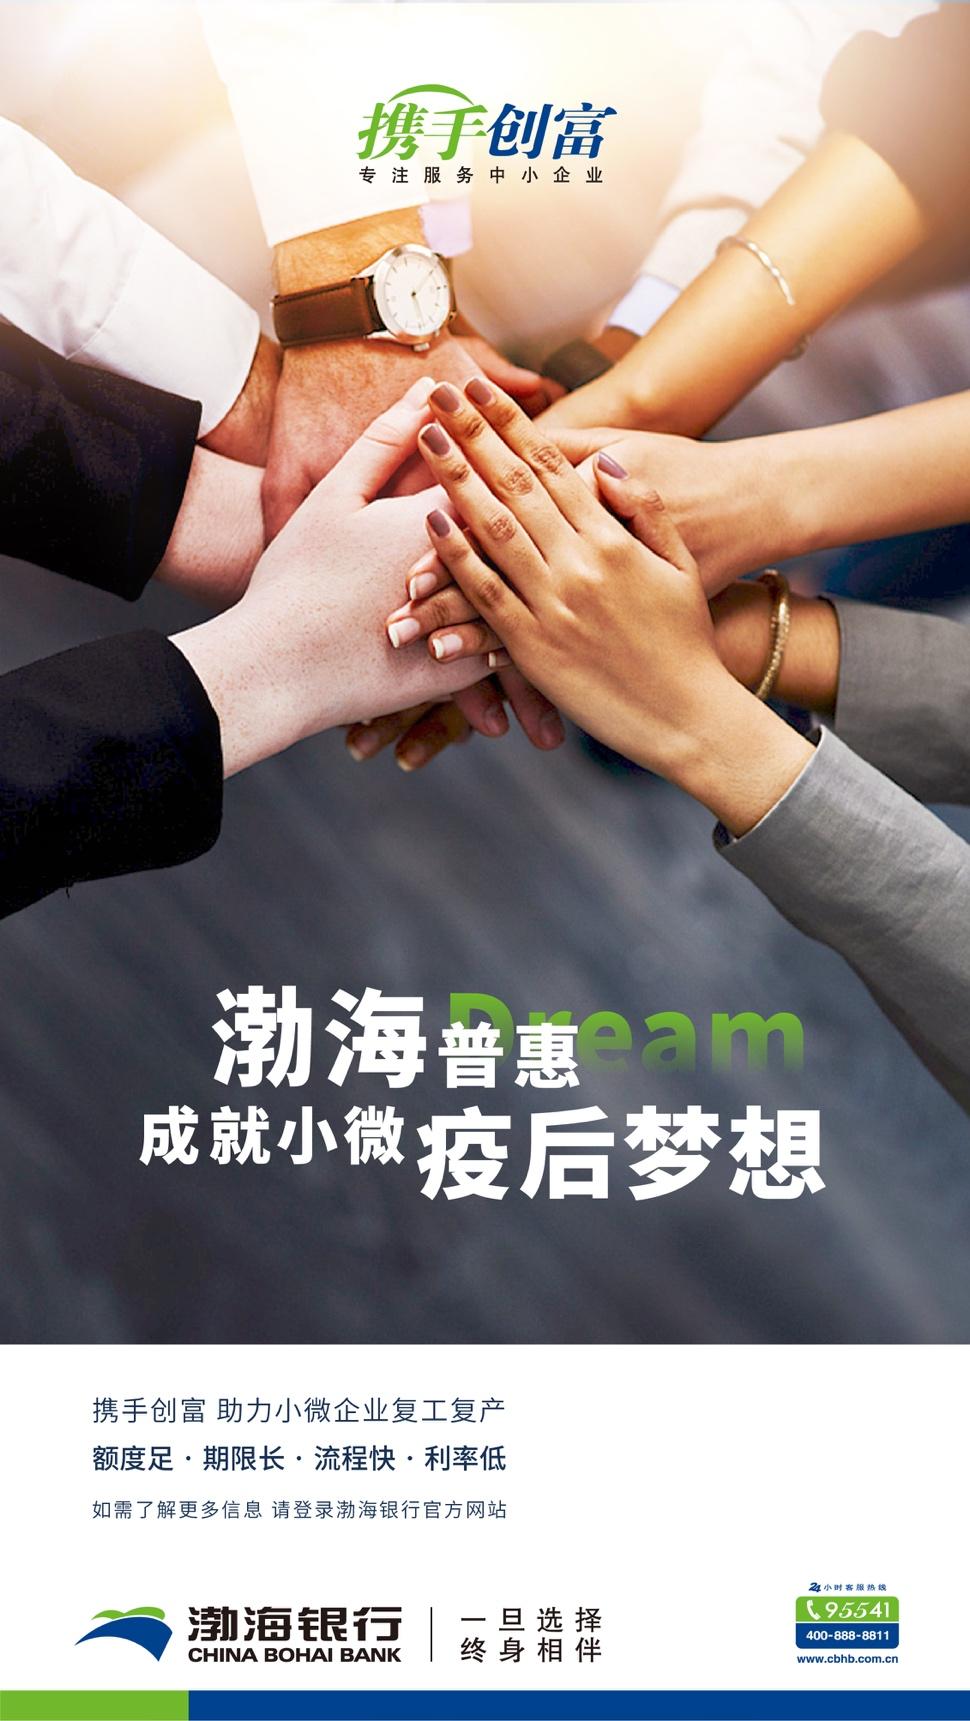 渤海银行:推出线上贷款 让科技赋能小微